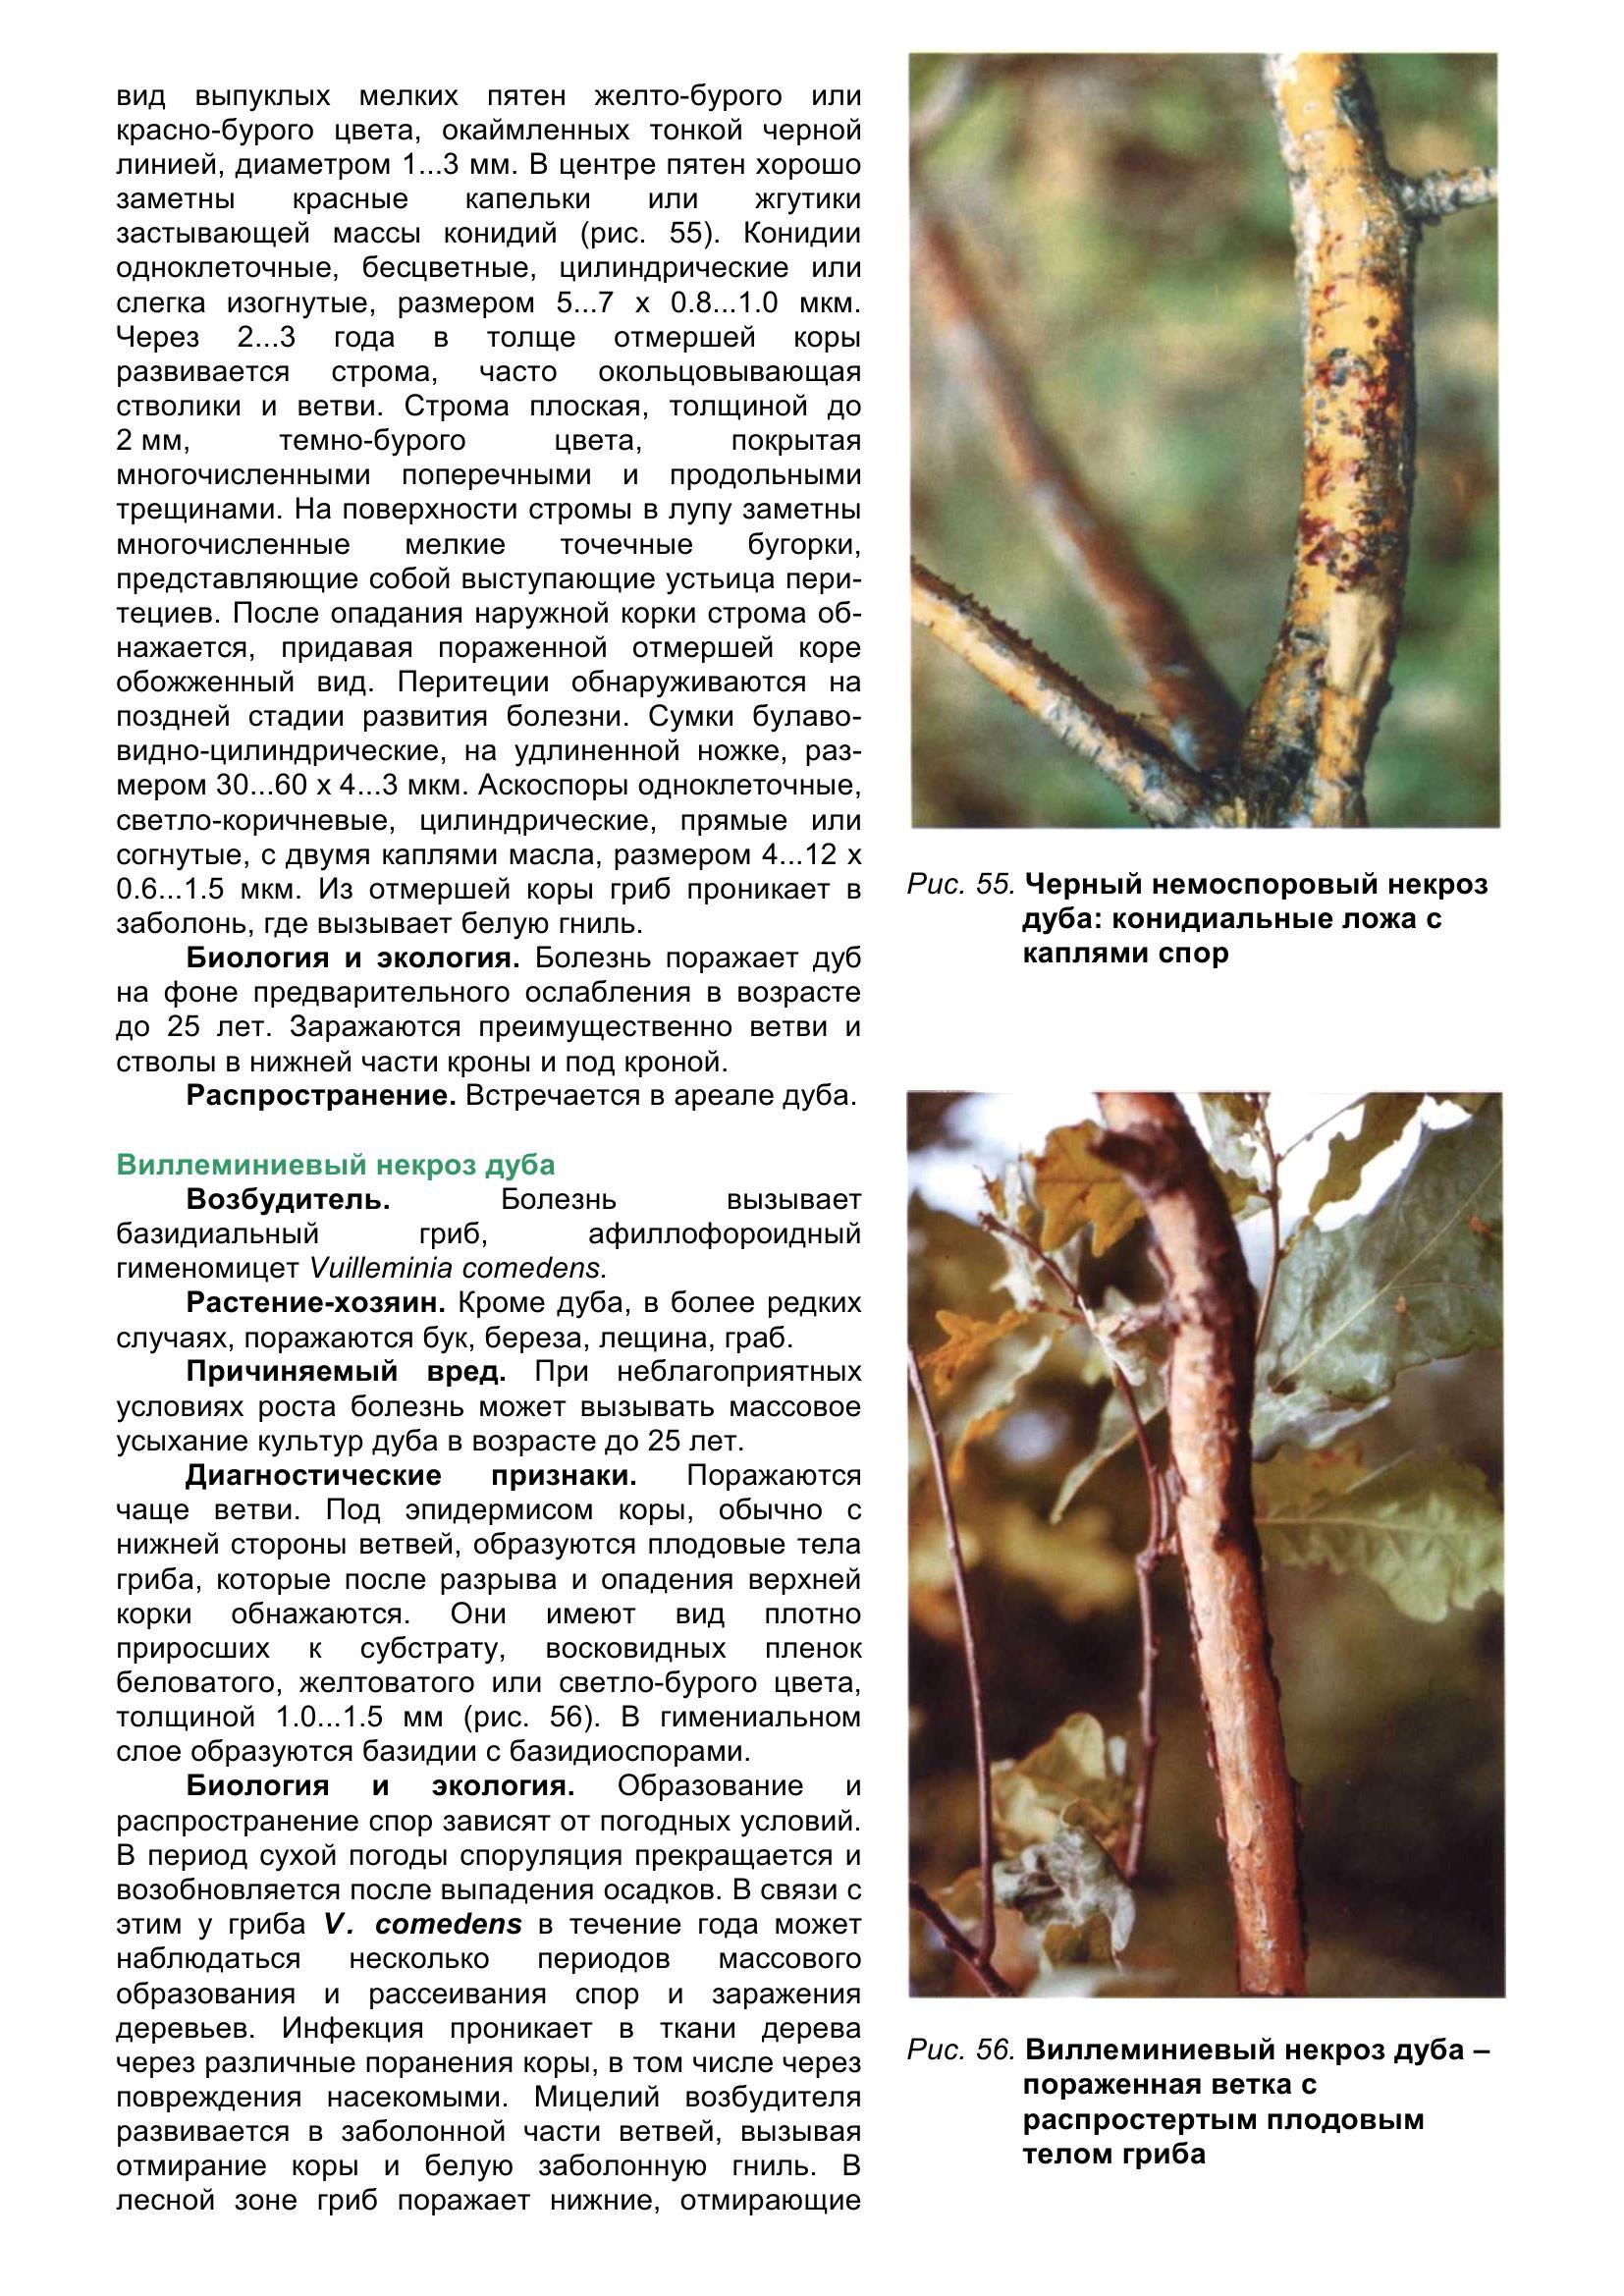 Болезни_древесных_растений_067.jpg